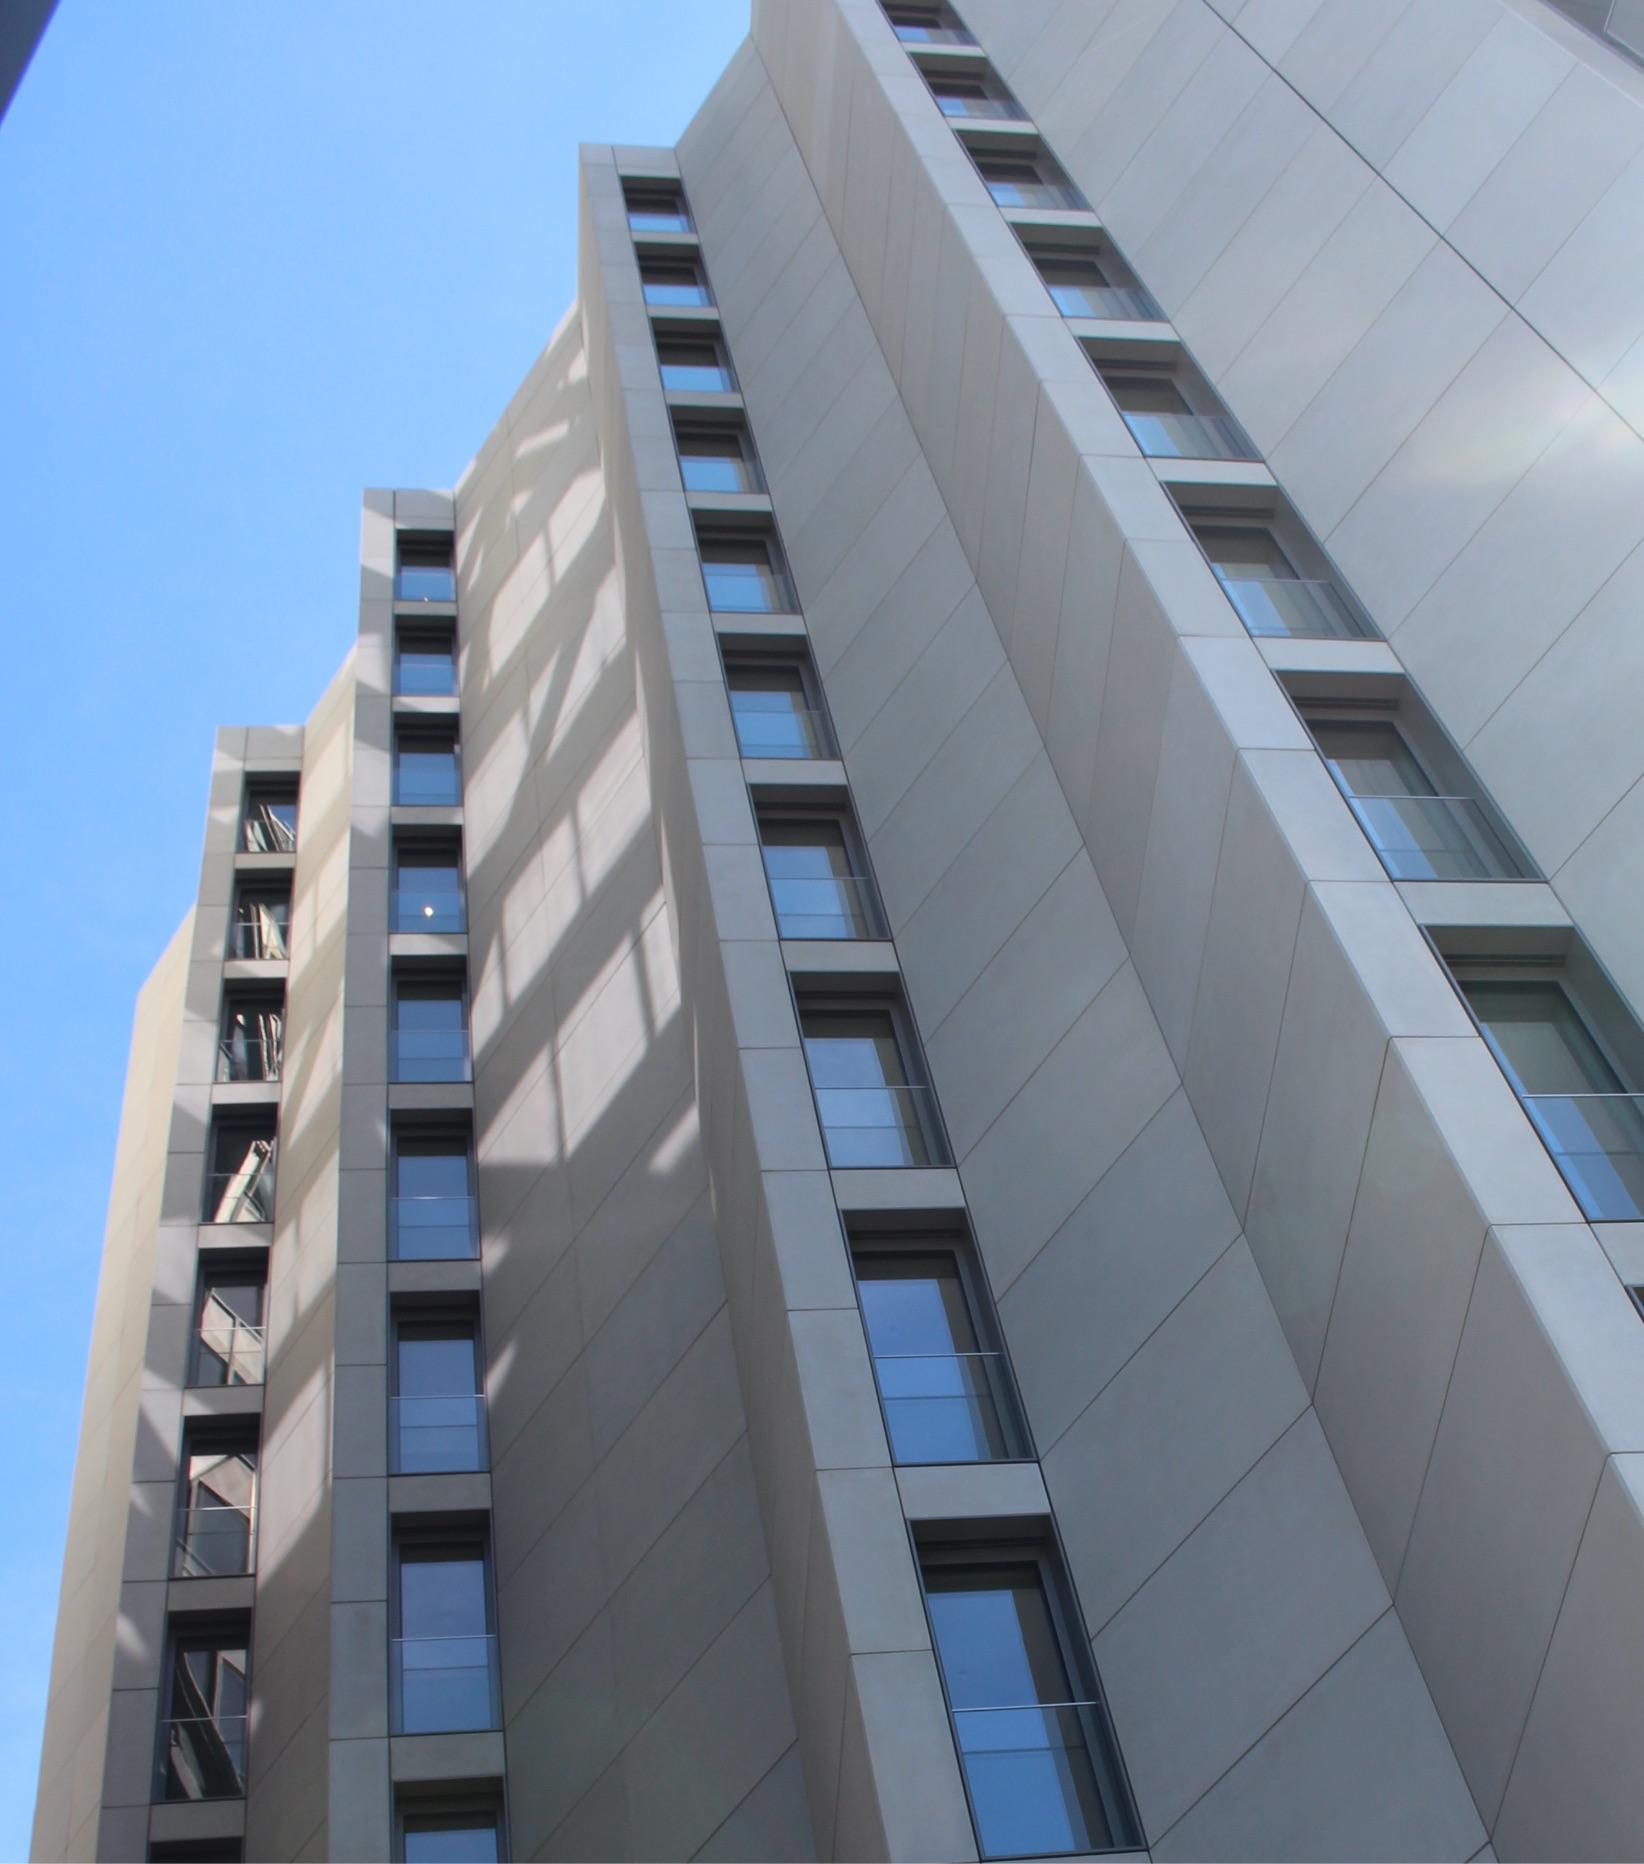 Facade construction company